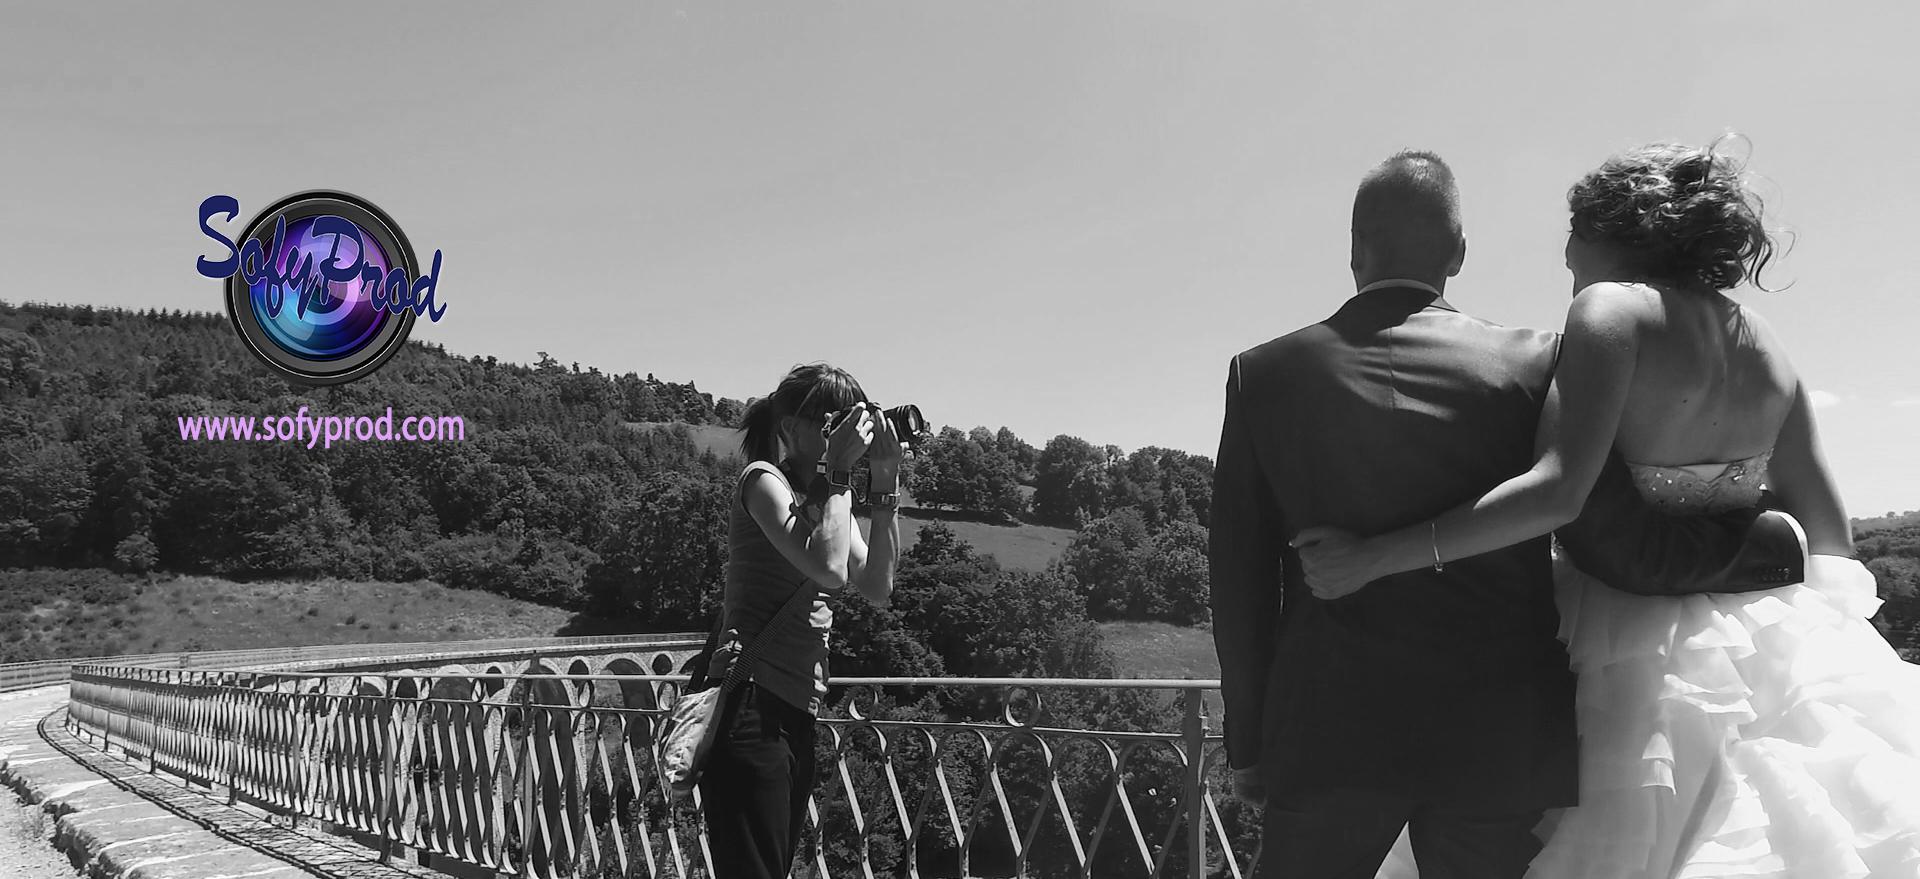 SofyProd – Sophie Gomez